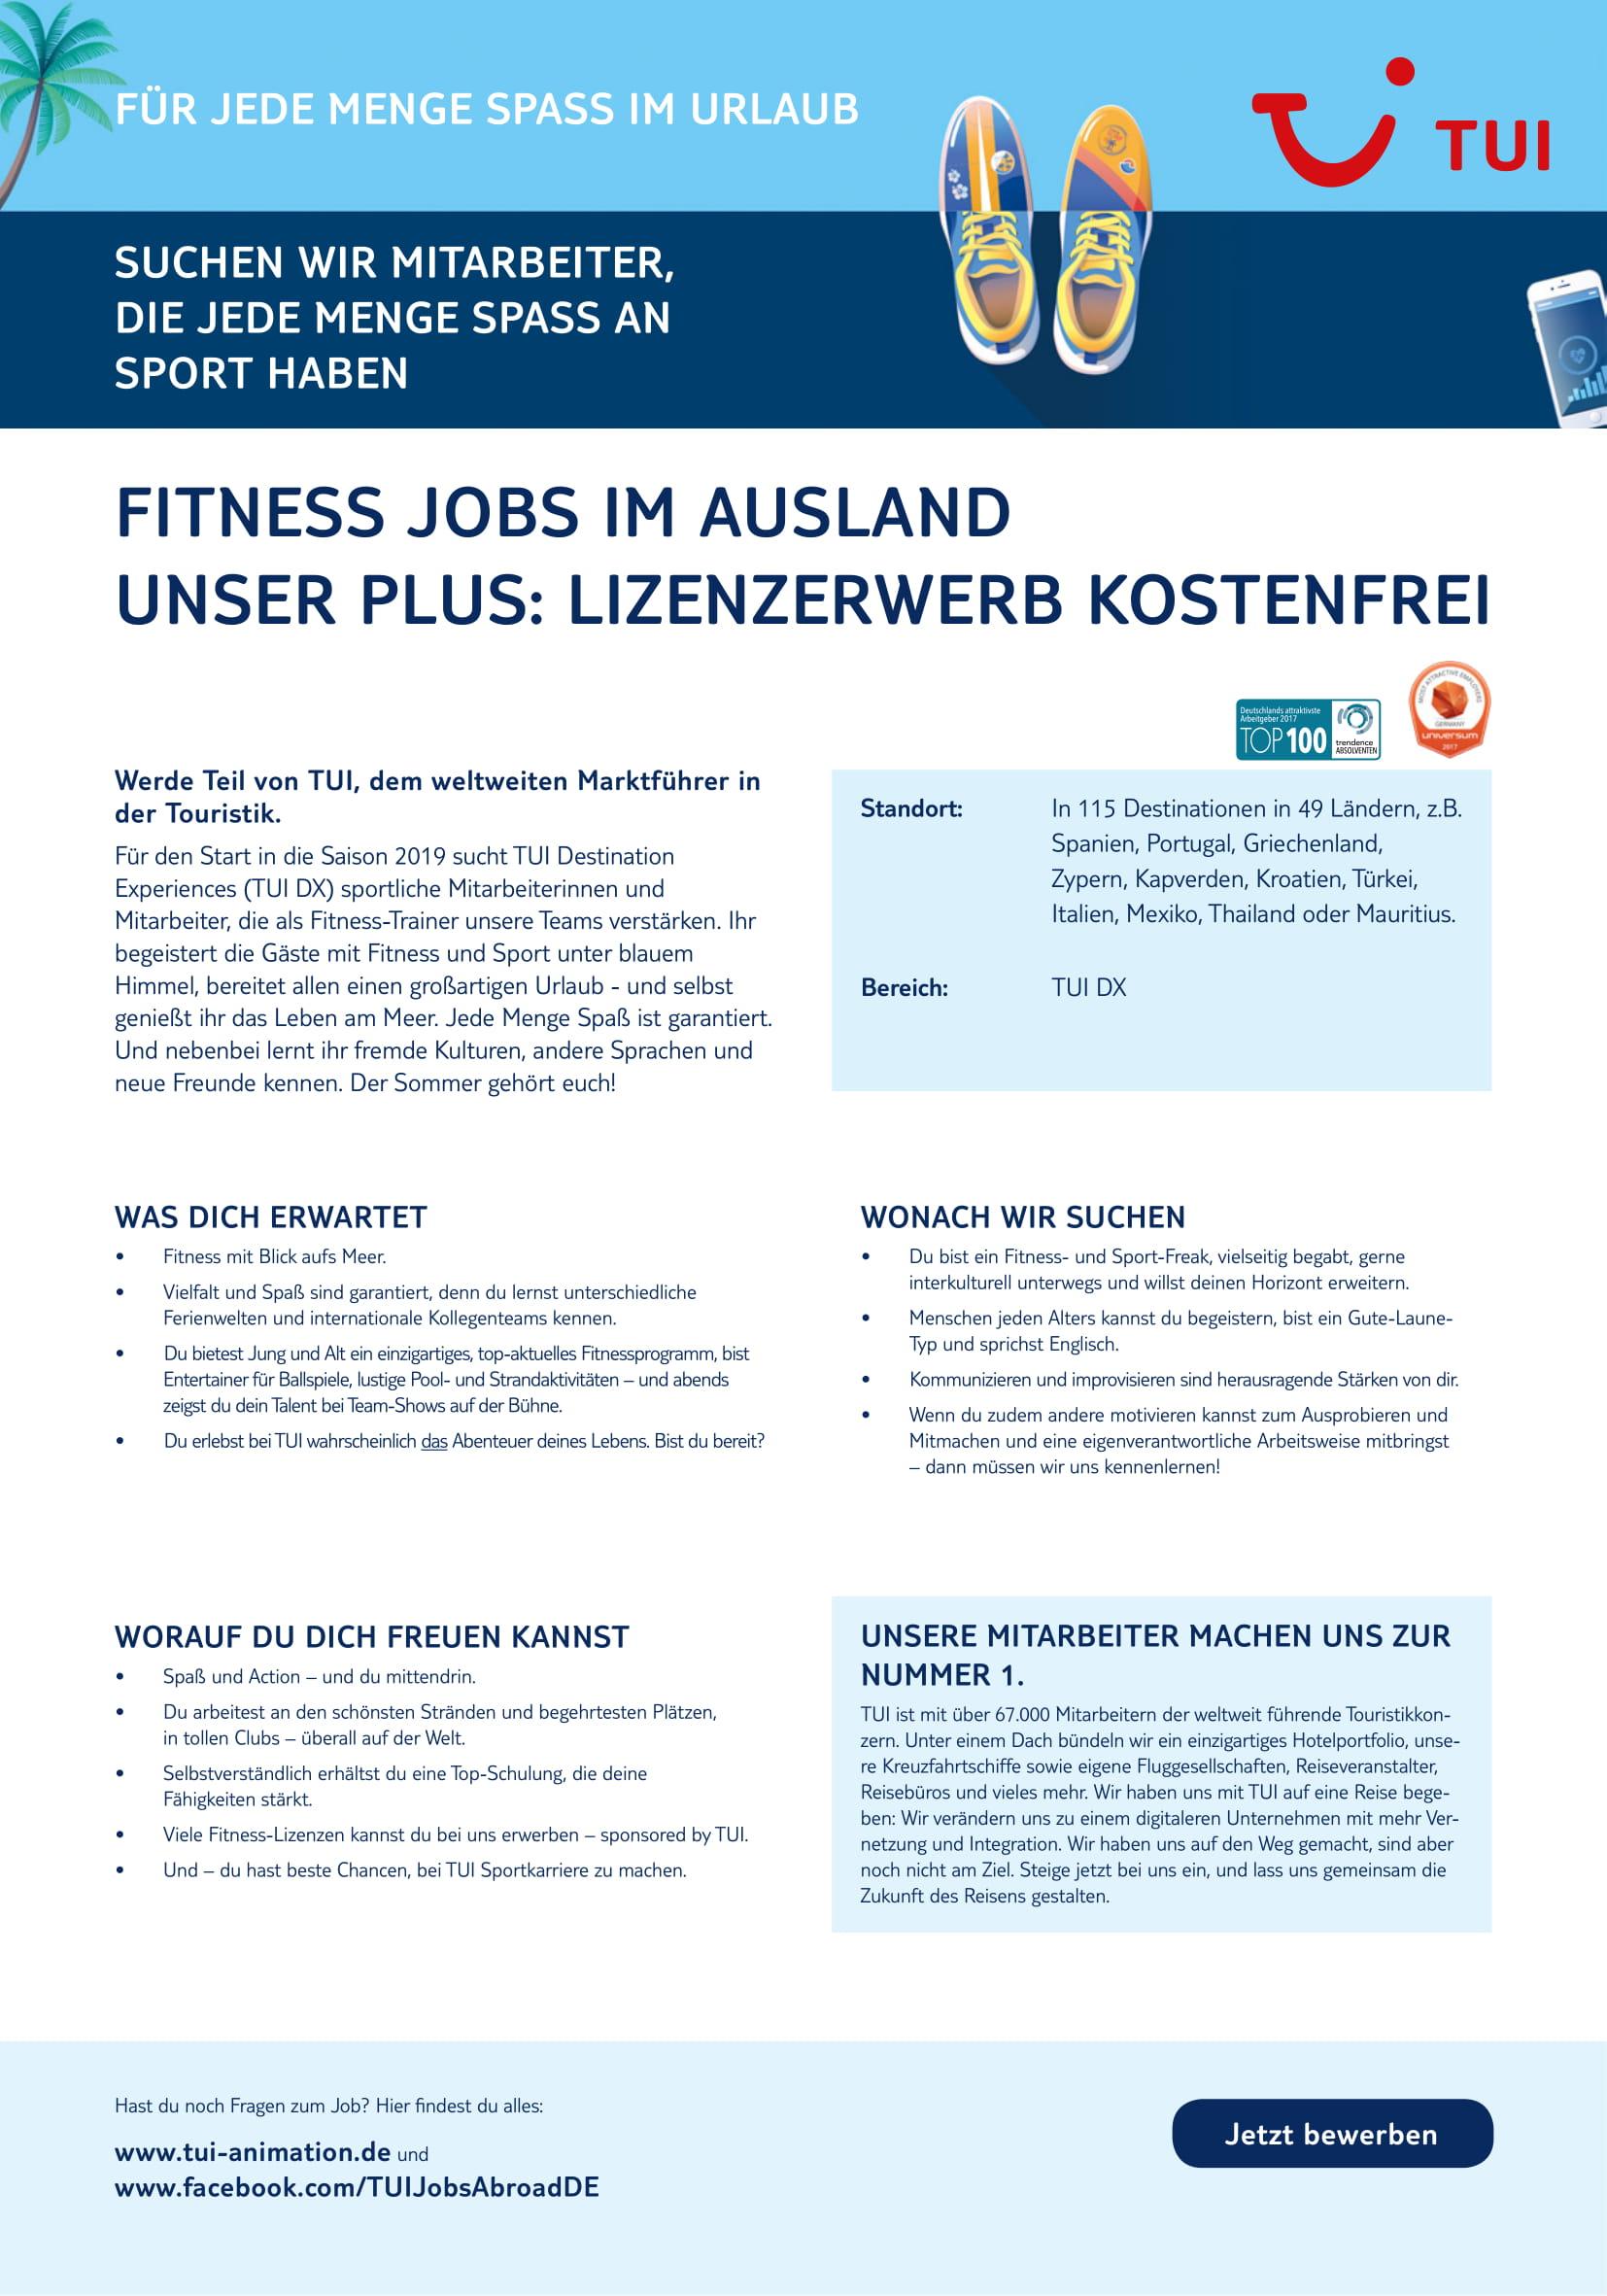 TUI_joborama_fitness jobs_29-01-2019[2]-1